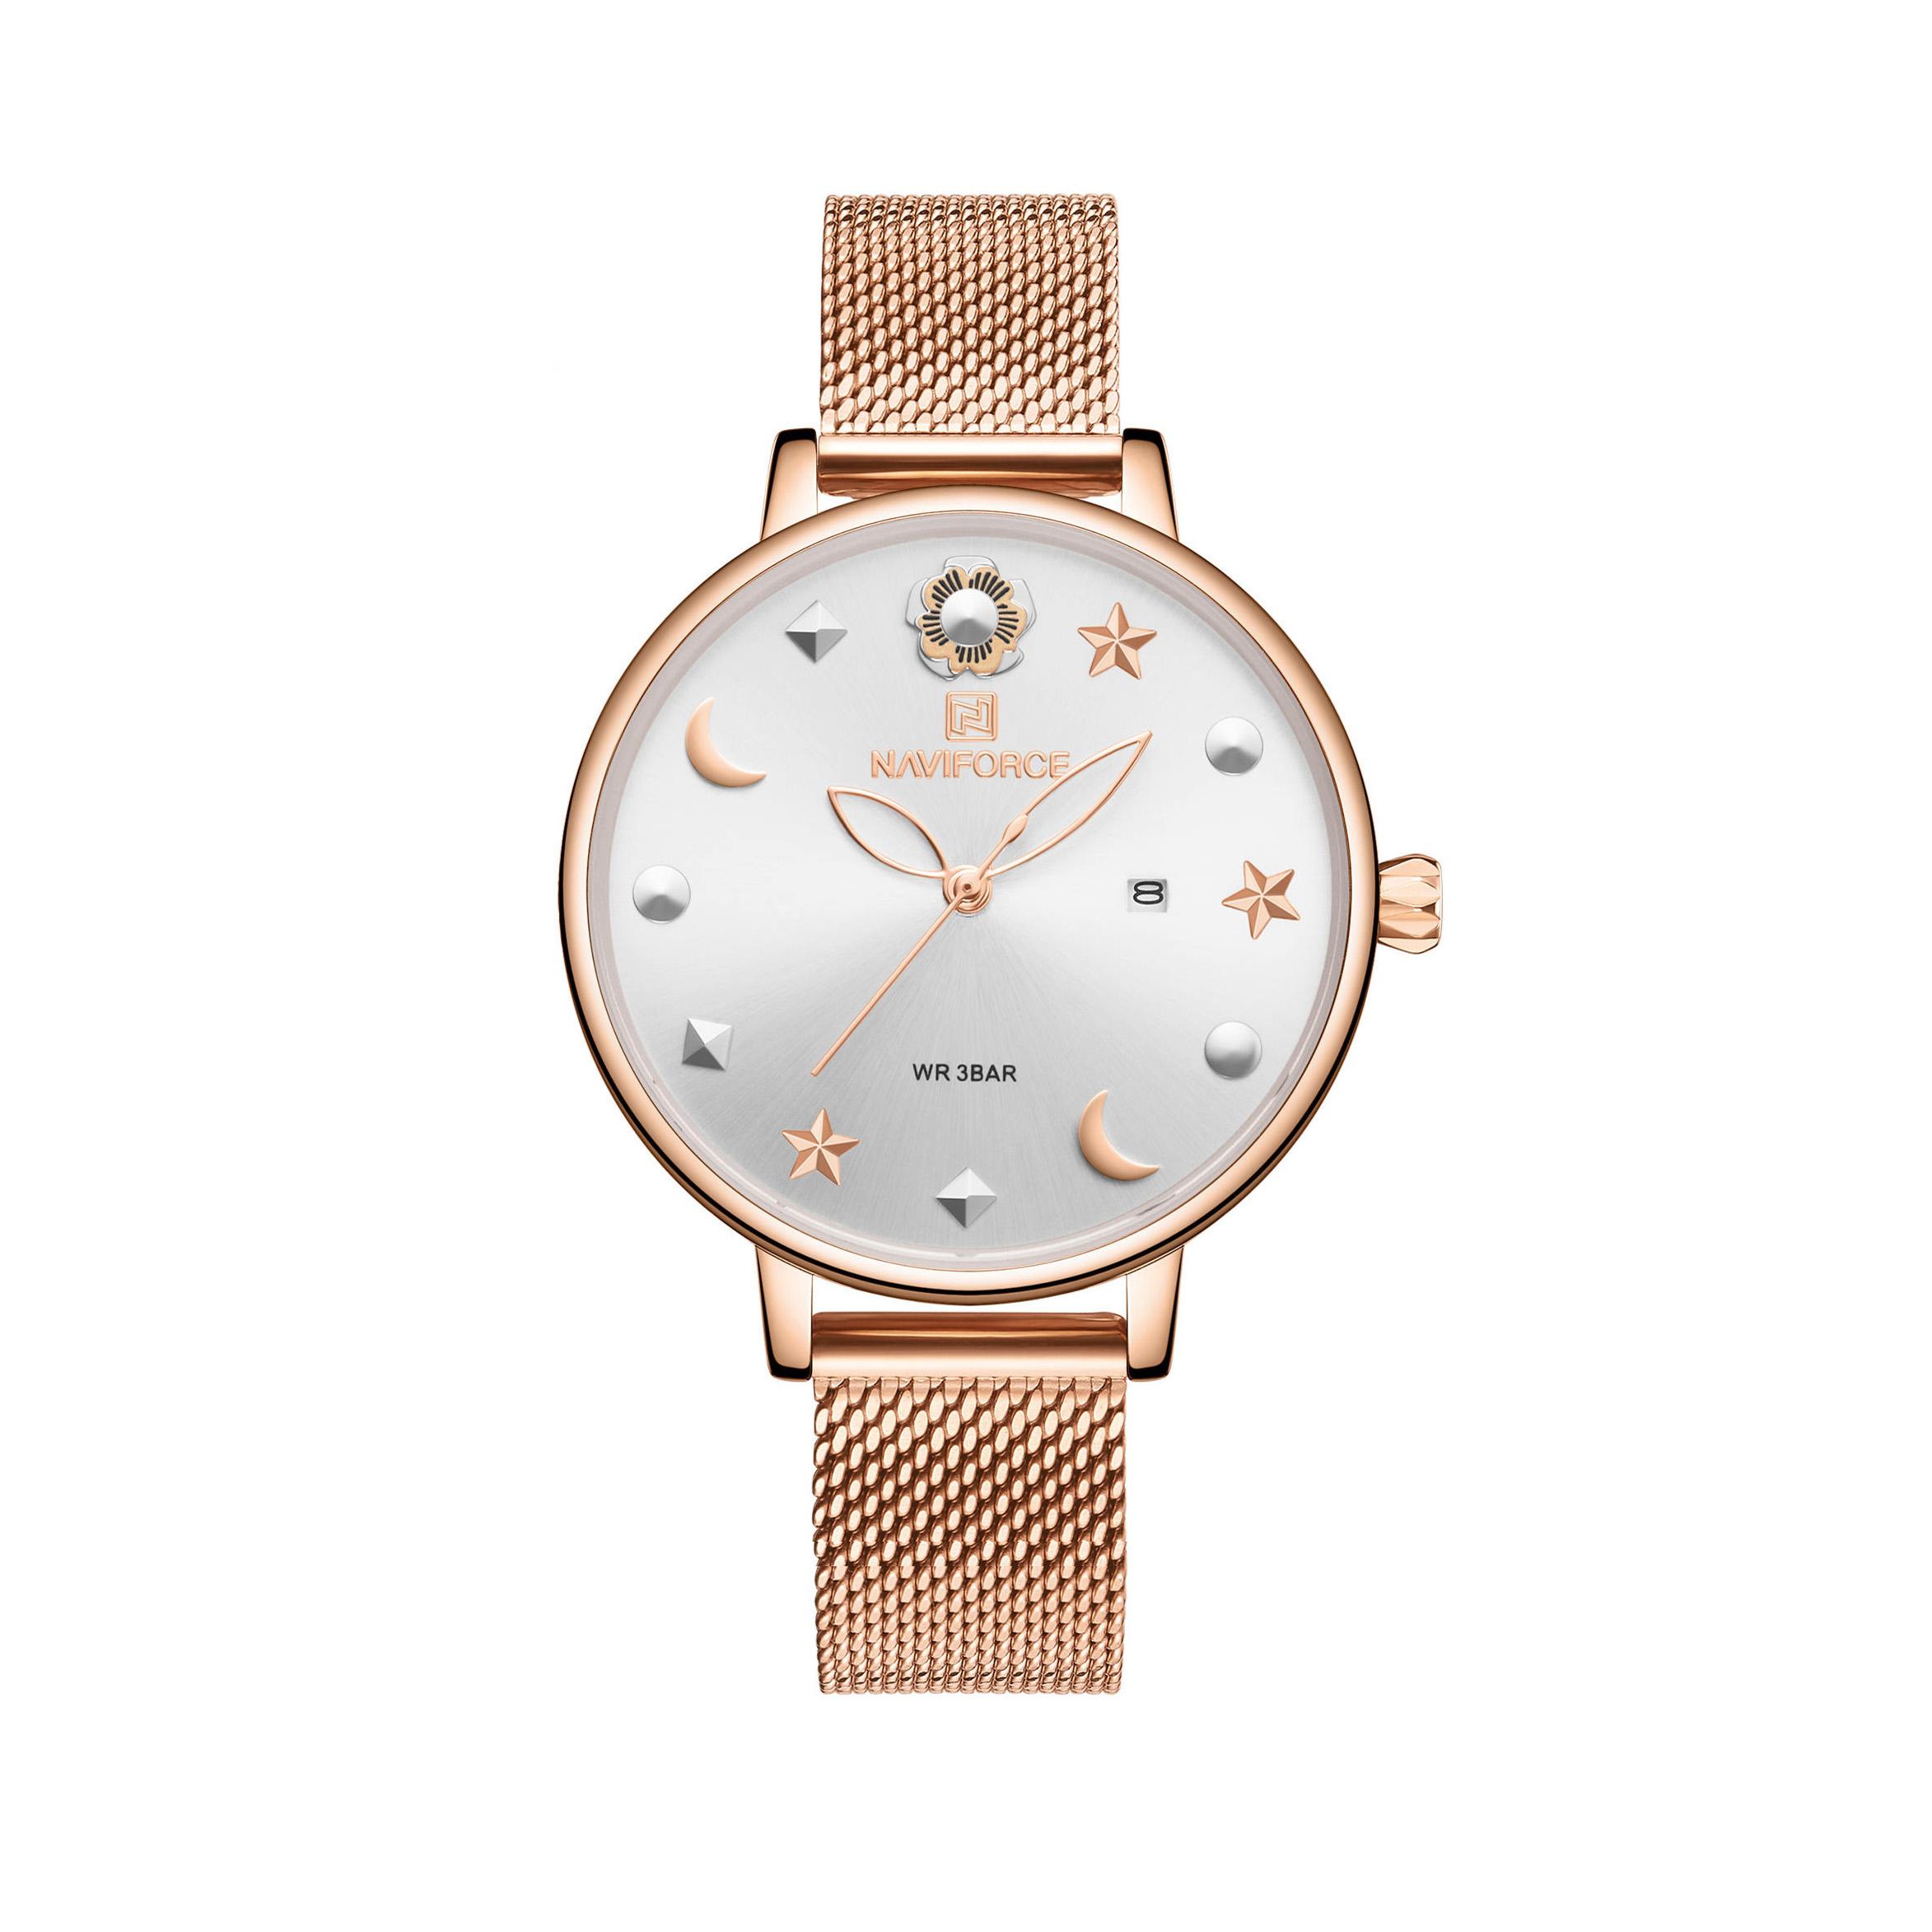 ساعت مچی عقربه ای زنانه نیوی فورس مدل NF5009RGW              خرید (⭐️⭐️⭐️)